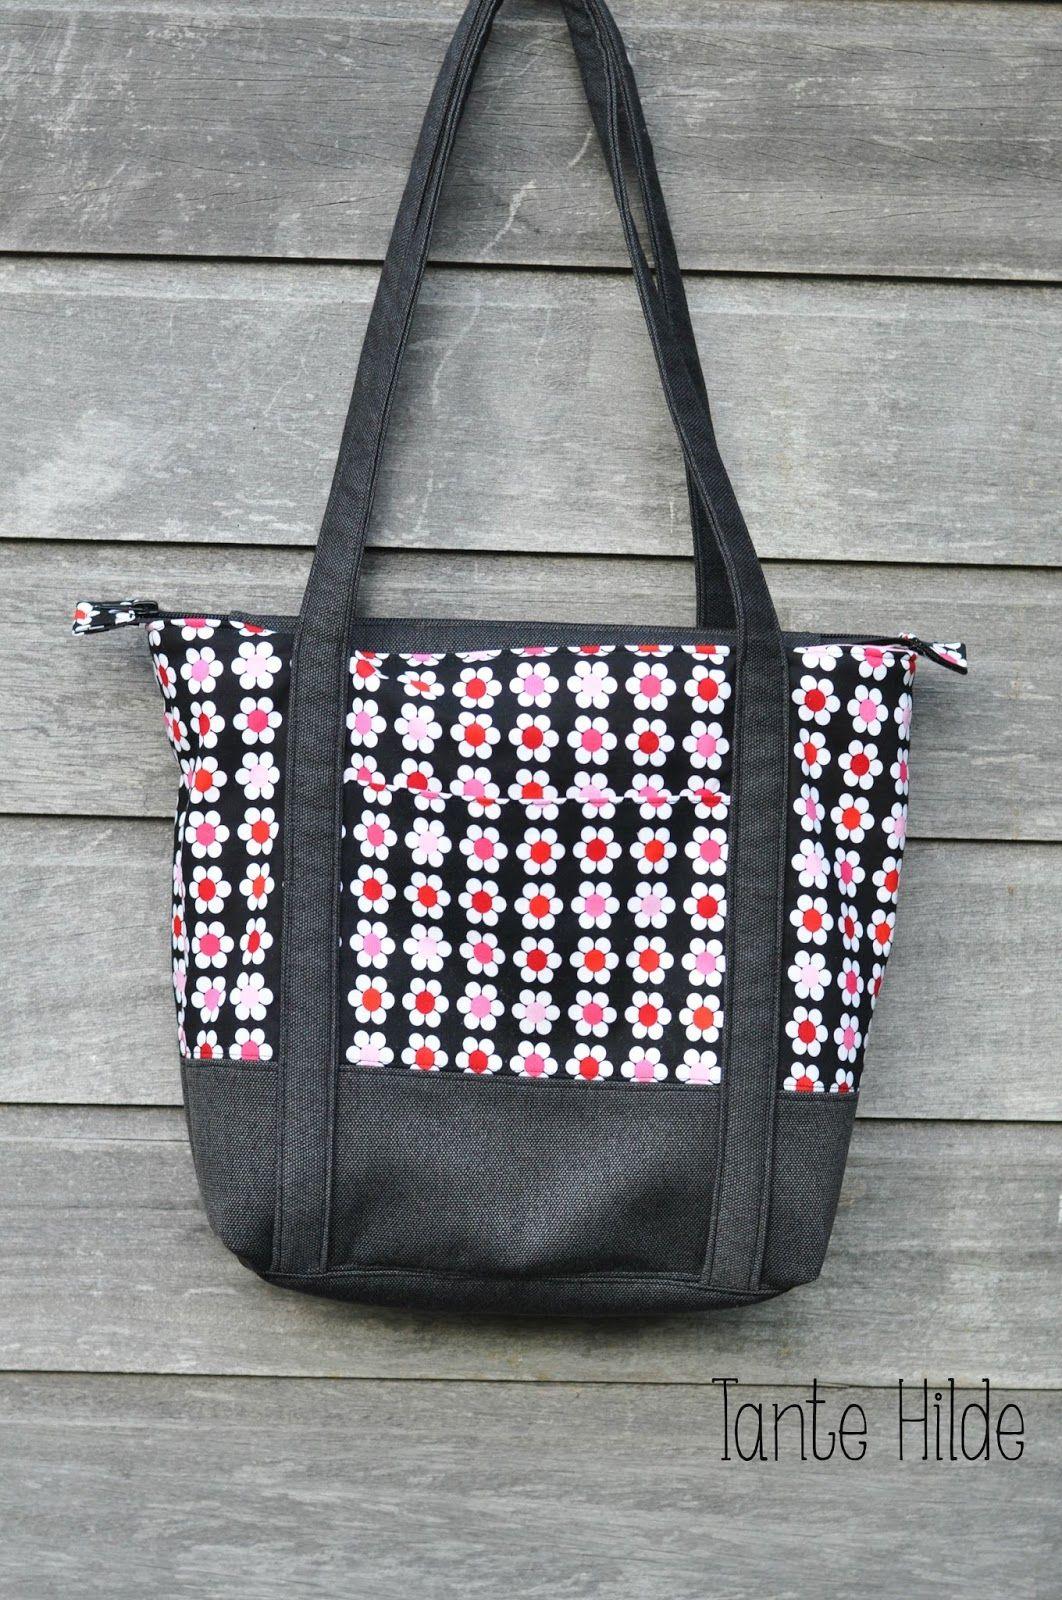 Tante Hilde: Eine neue Handtasche | Schnittmuster Taschen ...